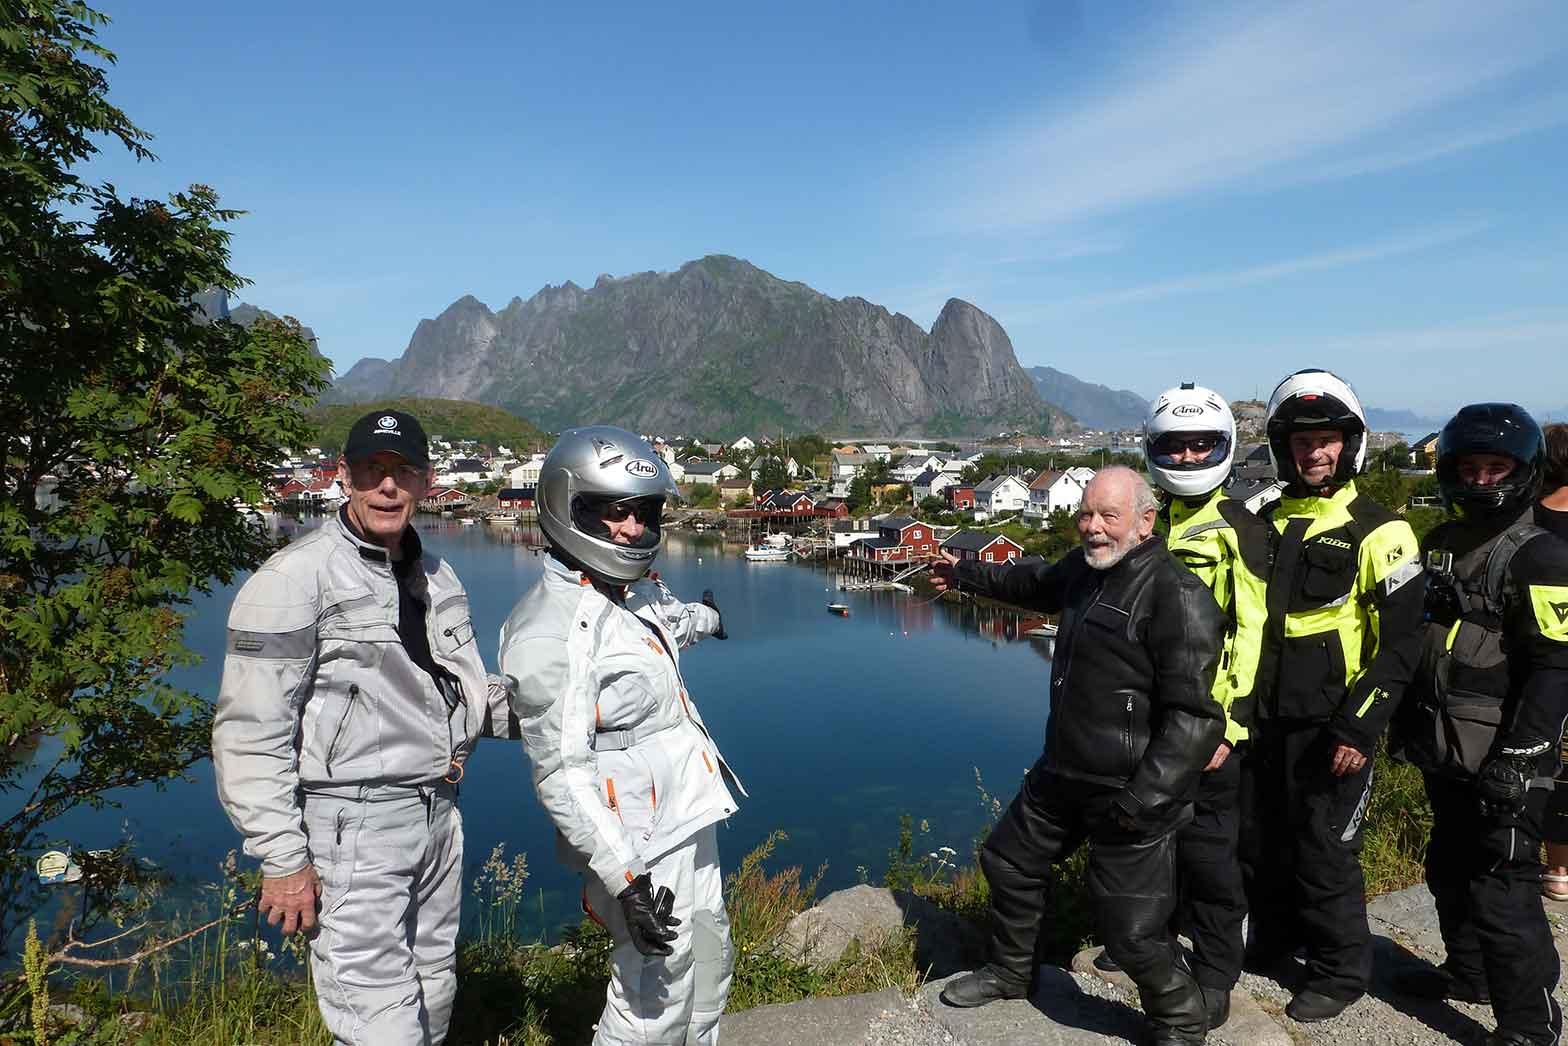 Group shot at Lofoten Island